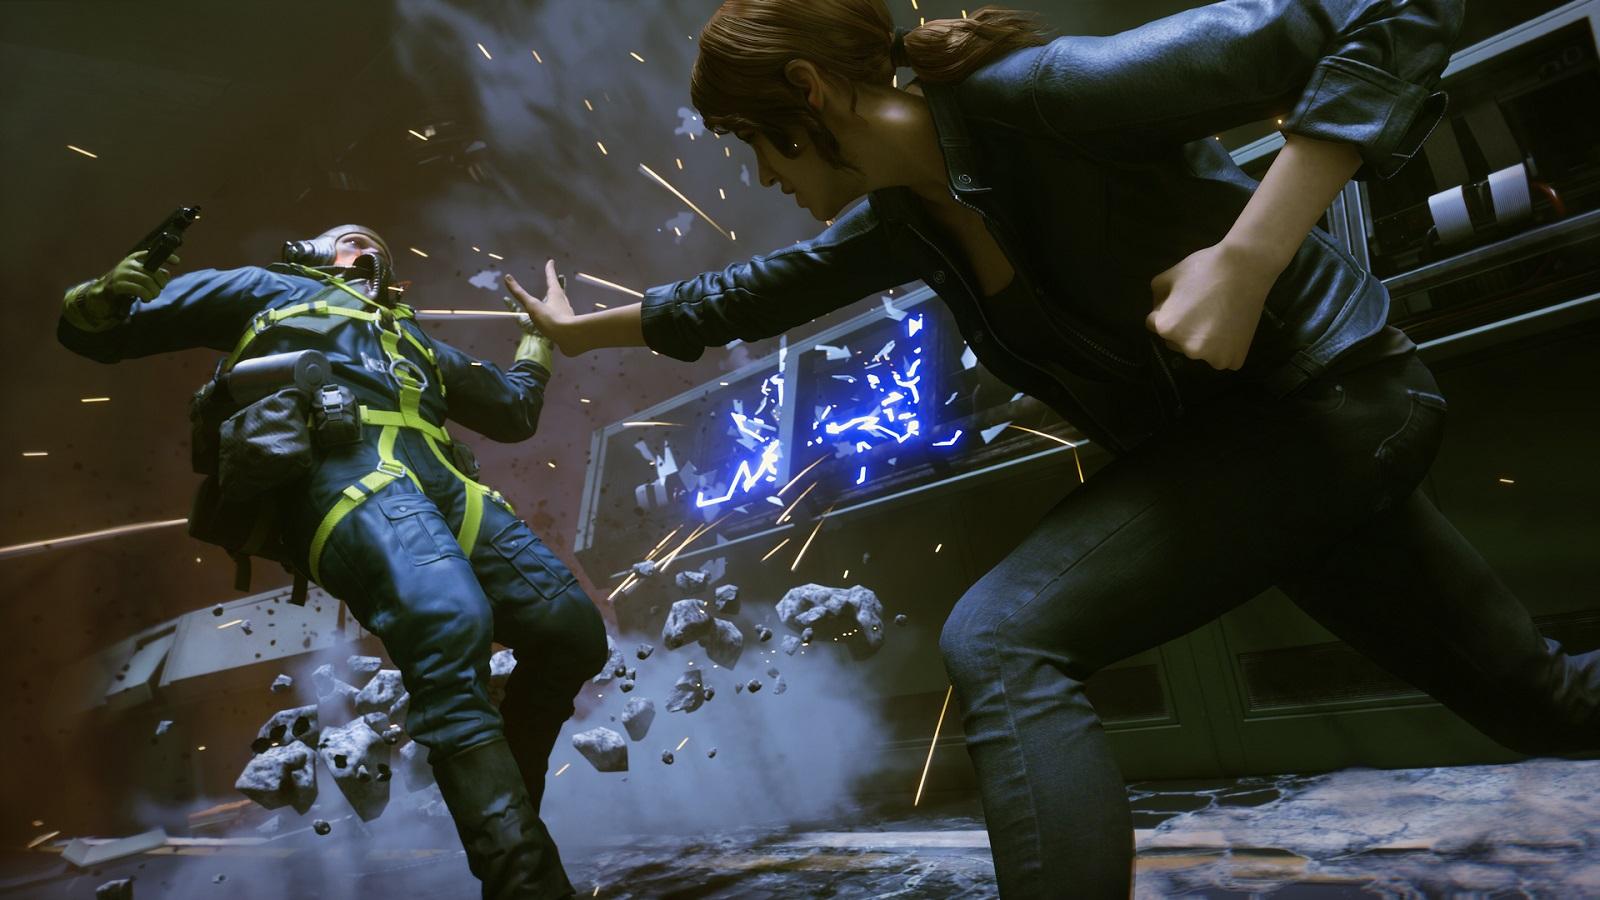 Control выйдет на PS5 и Xbox Series X — подробности будут «позже»